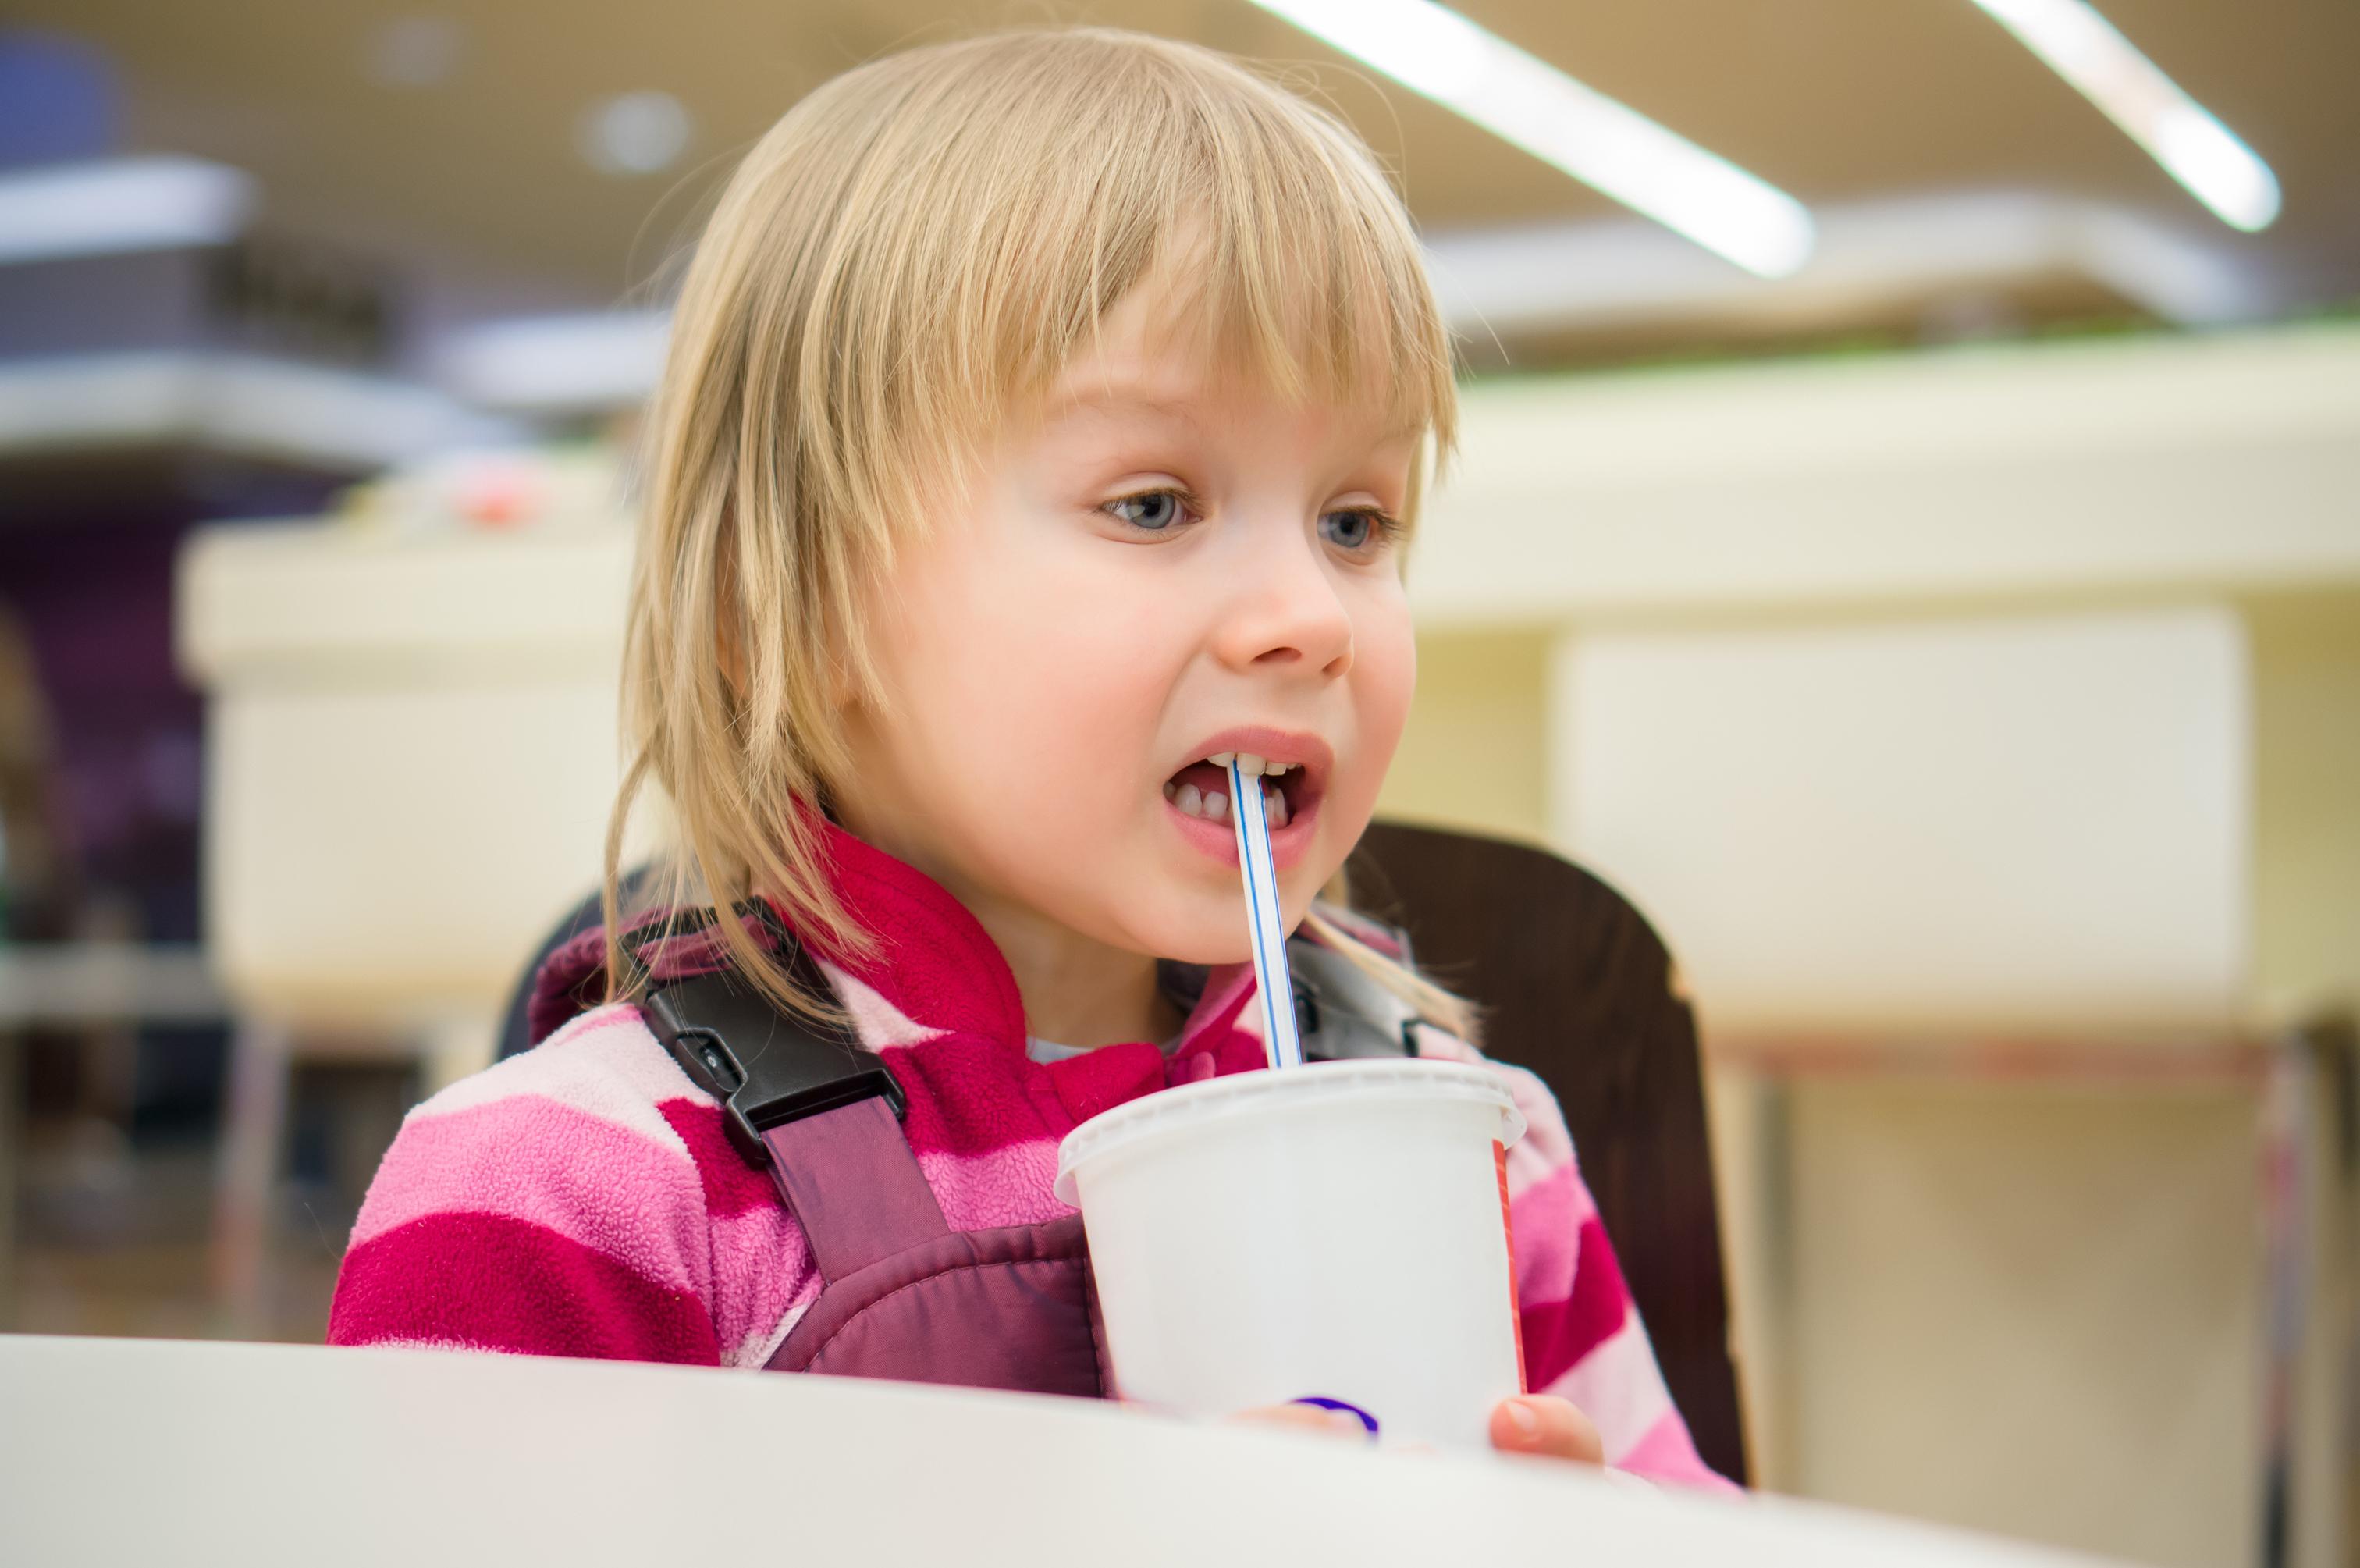 Inom två år kommer Storbritannien att införa sockerskatt.